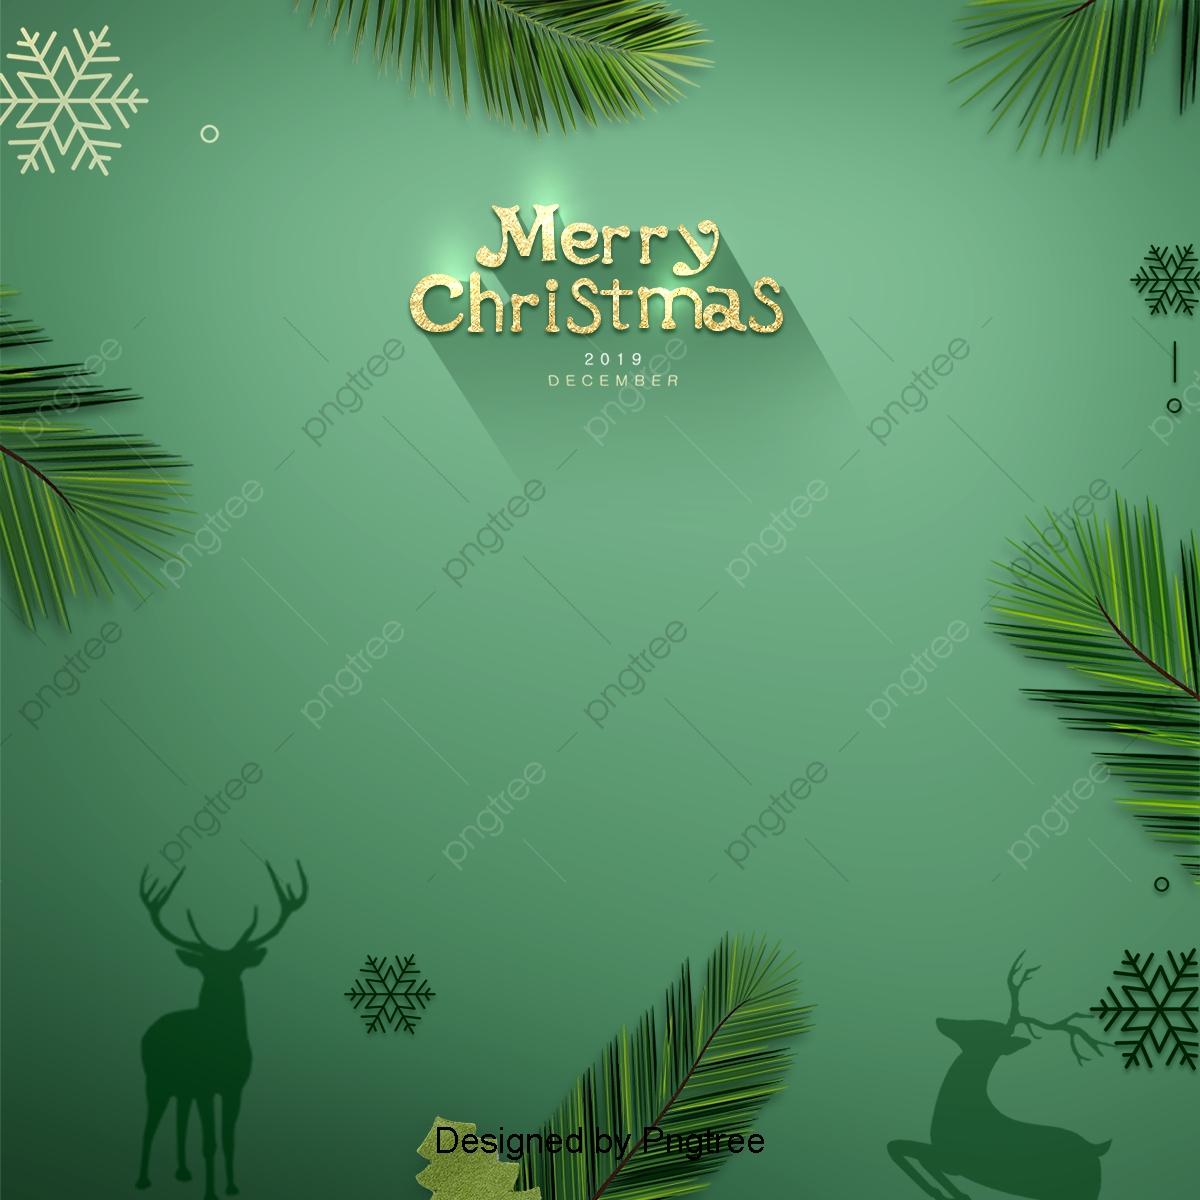 Regali Di Natale Romantici.Il Giorno Di Natale Romantico Sullo Sfondo Verde Natale Regali Di